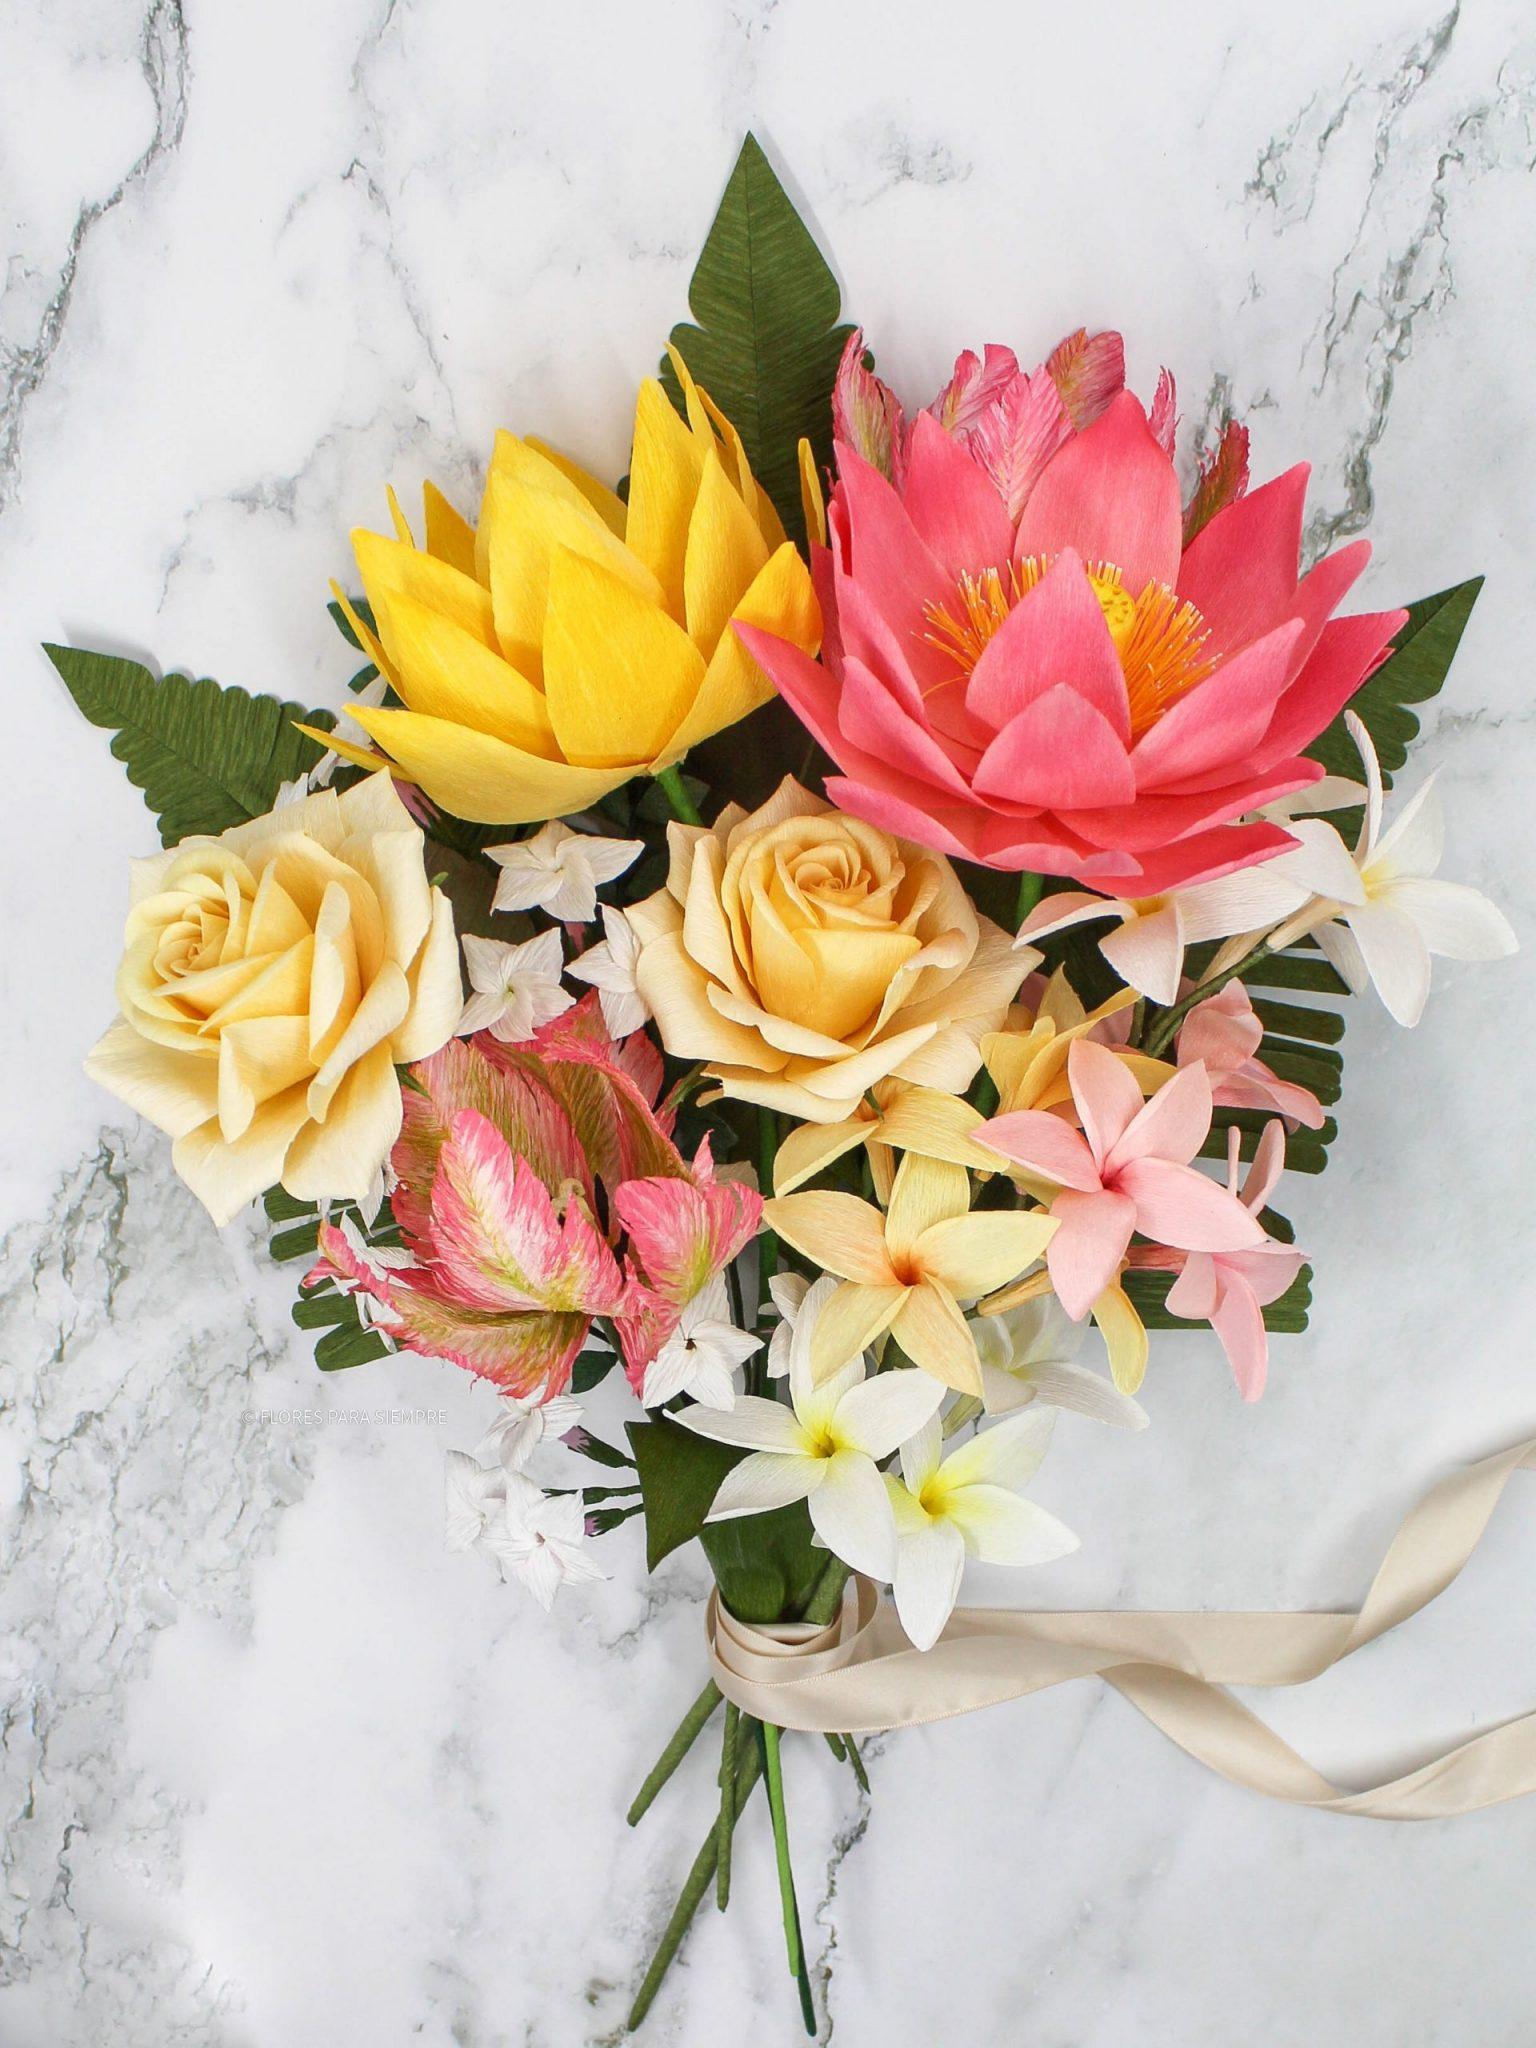 ramo tropical de flores de papel, ramo de papel, rosas amarillas de papel, plumerias, lotos y tulipanes parrot rosas de papel, flores para siempre